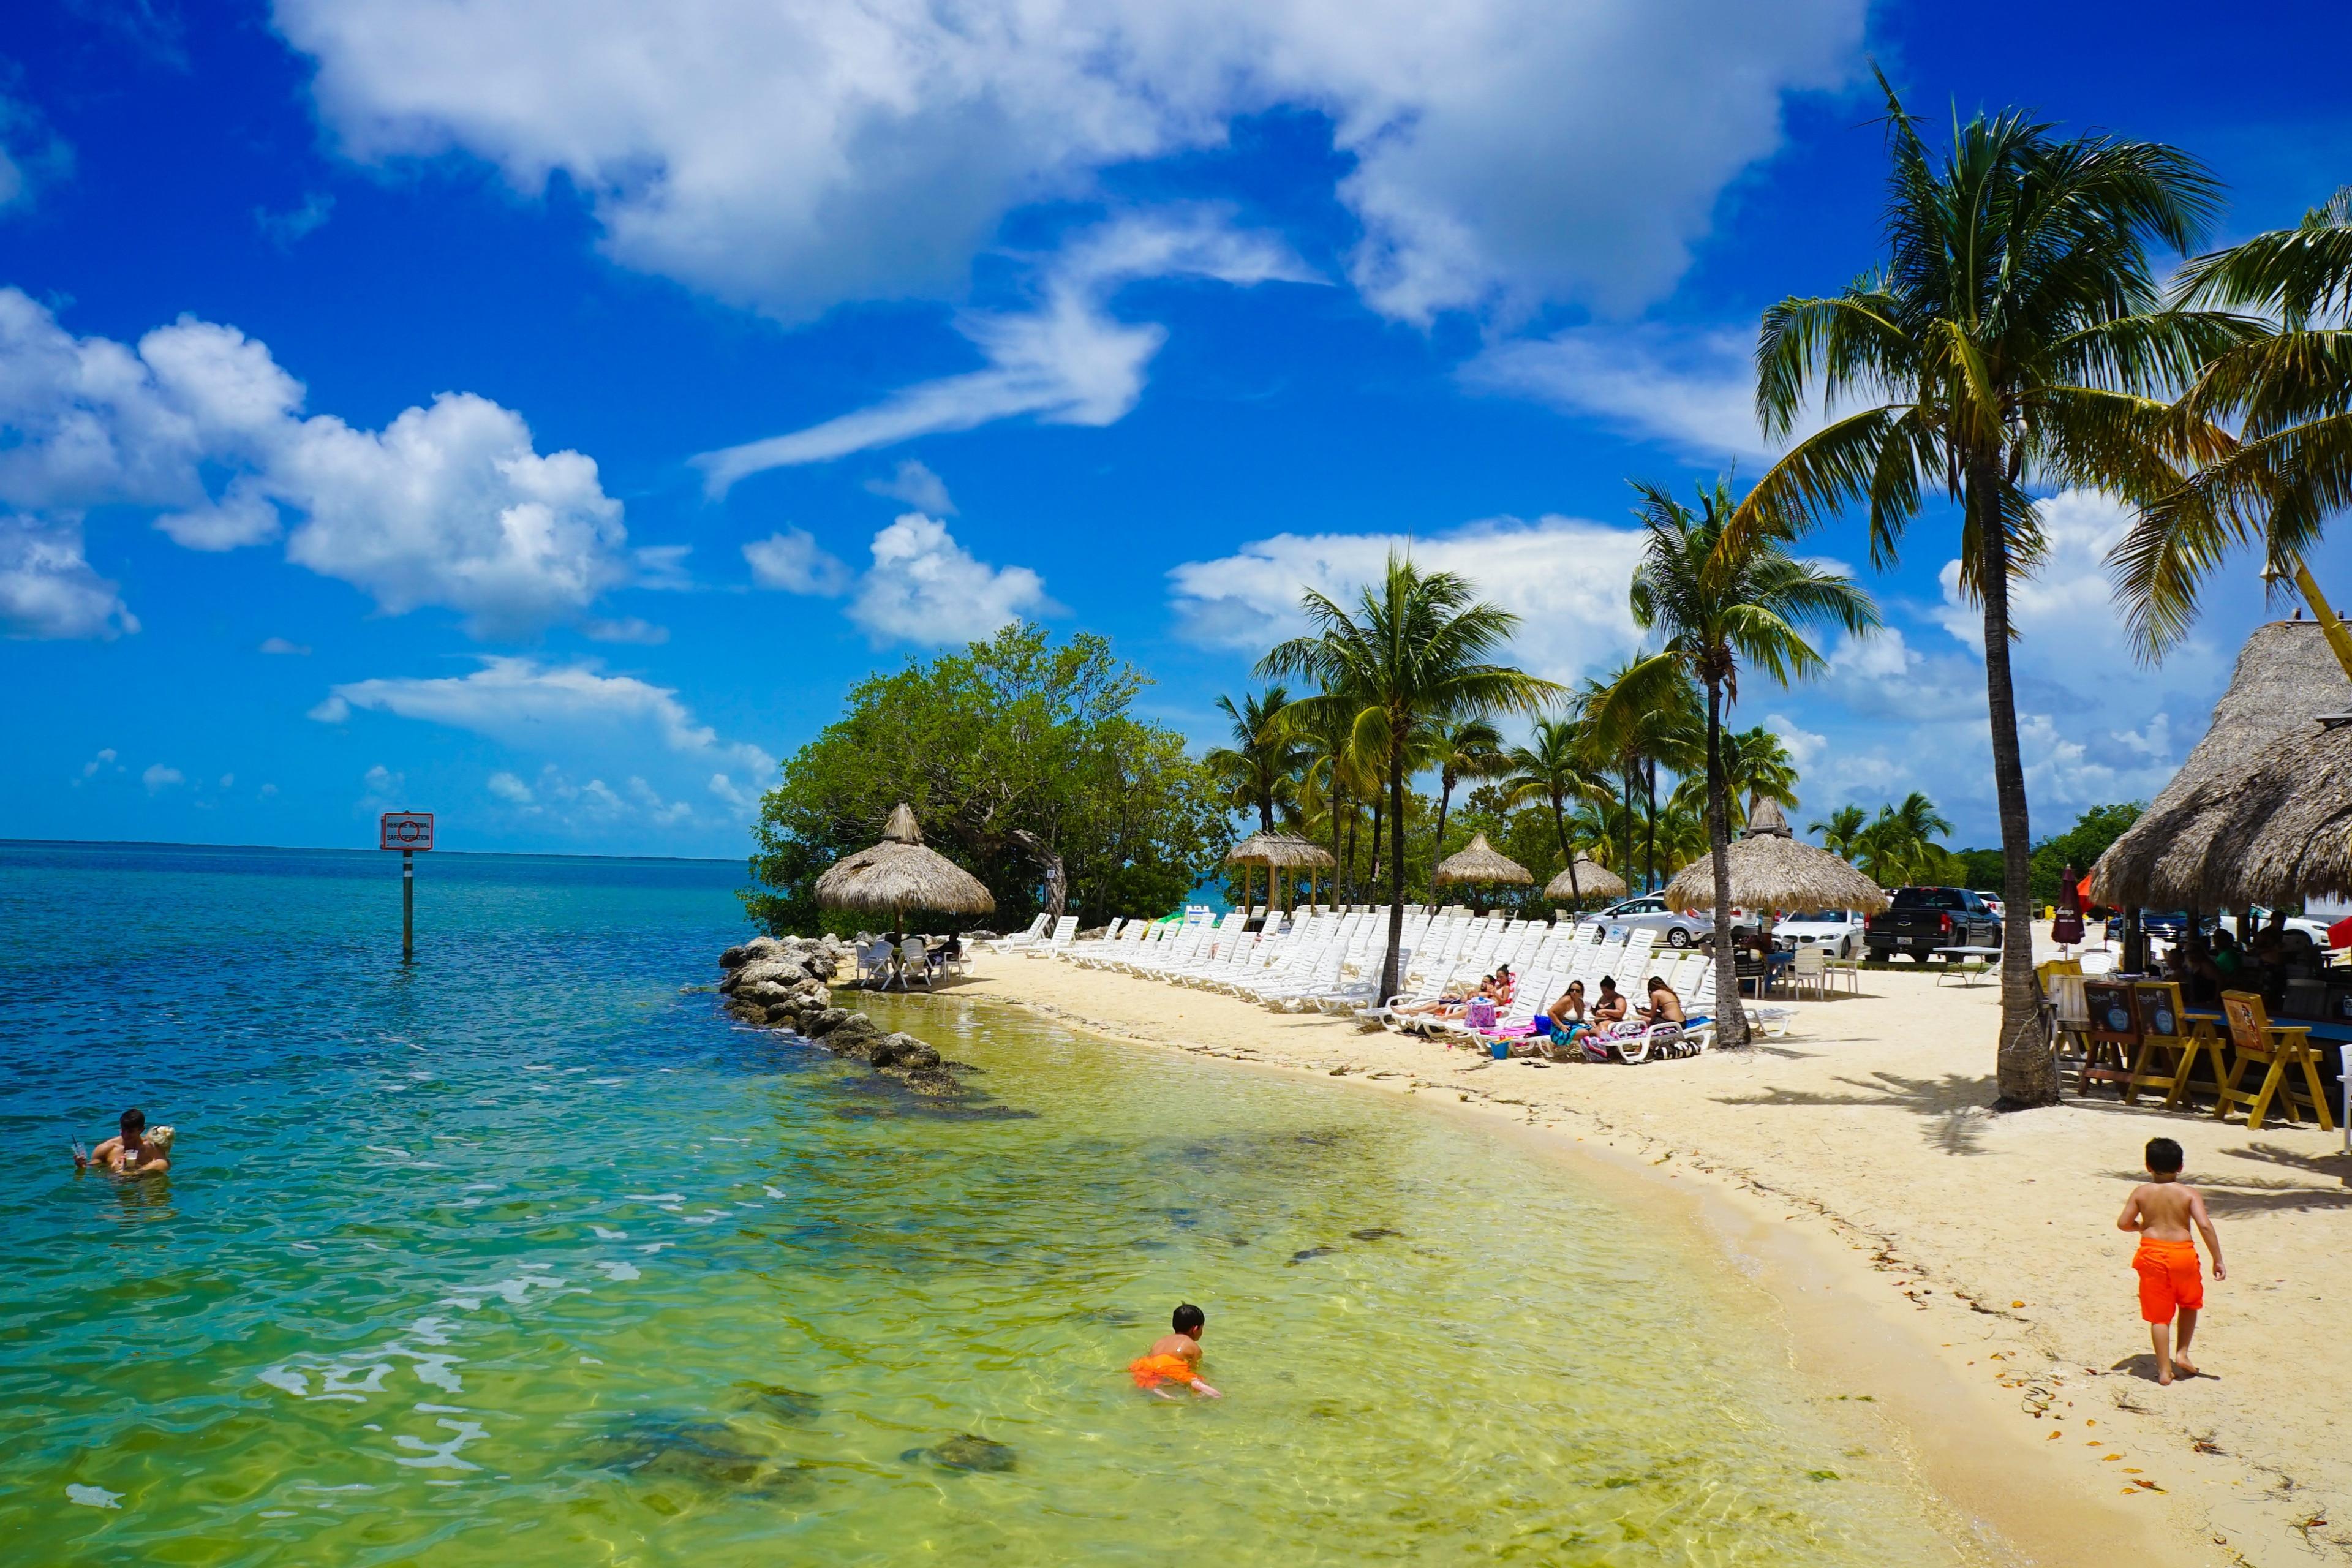 Key Largo, Florida, United States of America